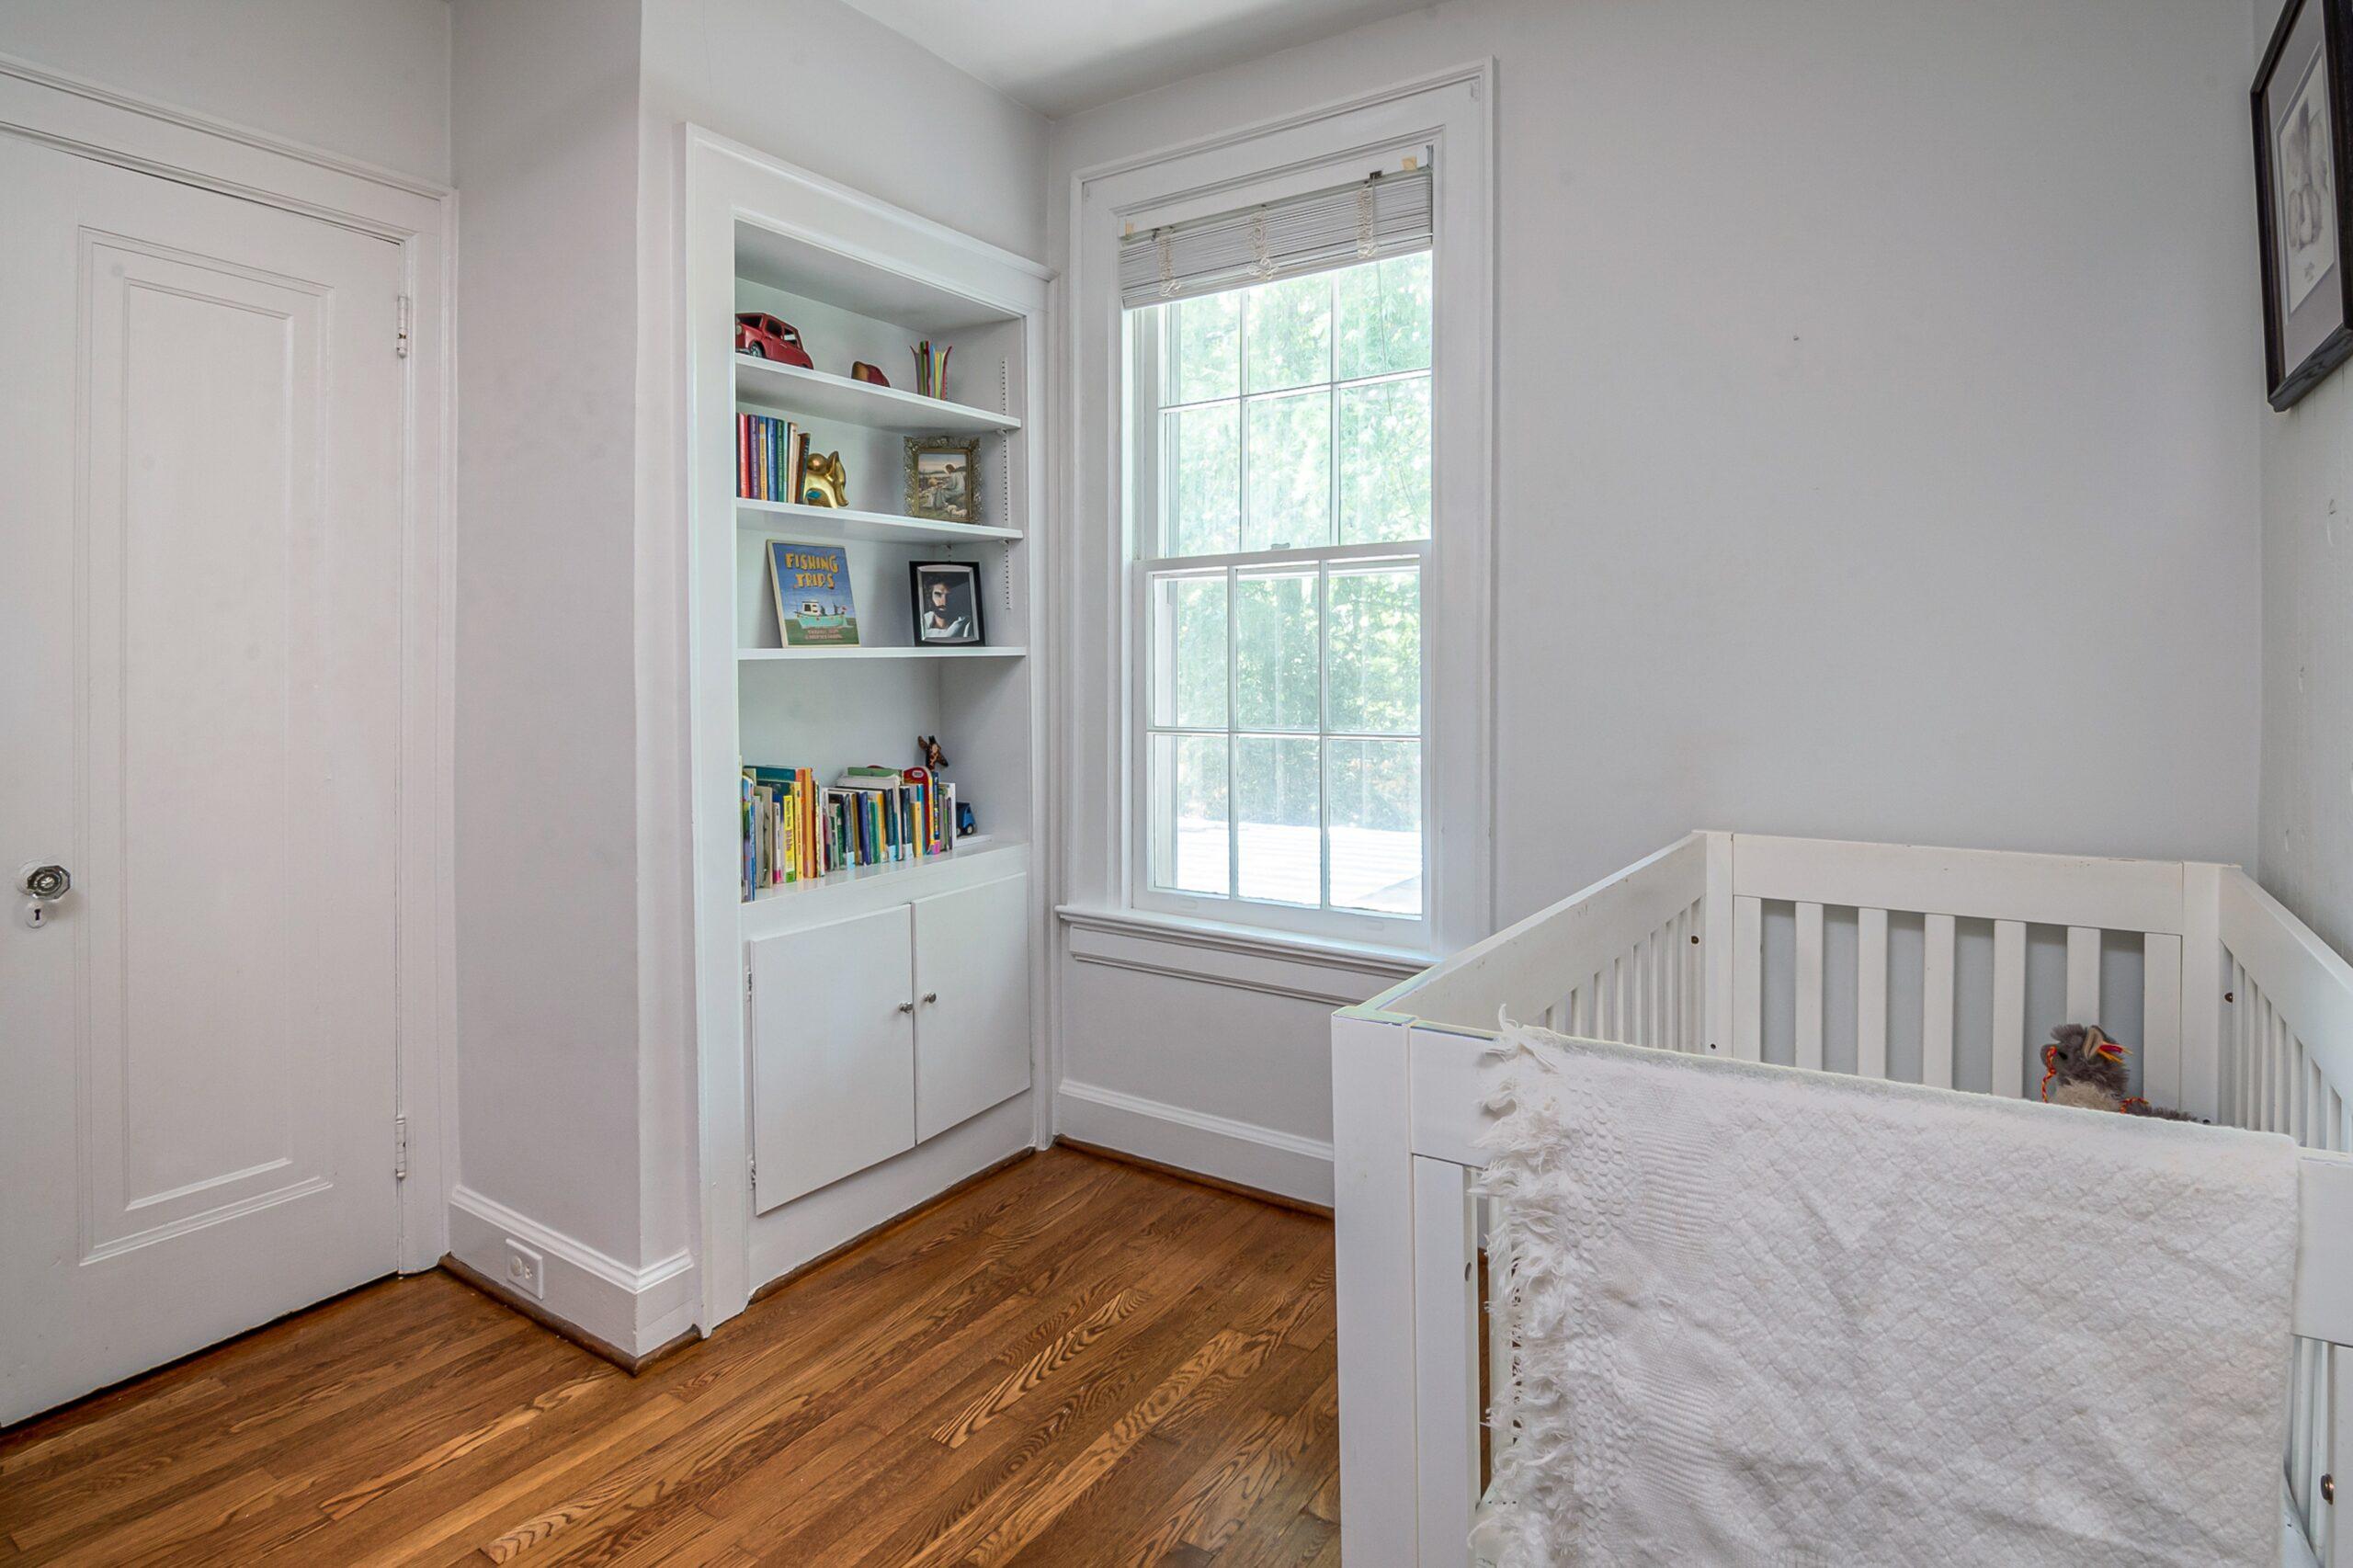 Cum adaptăm o cameră pentru 2 copii?